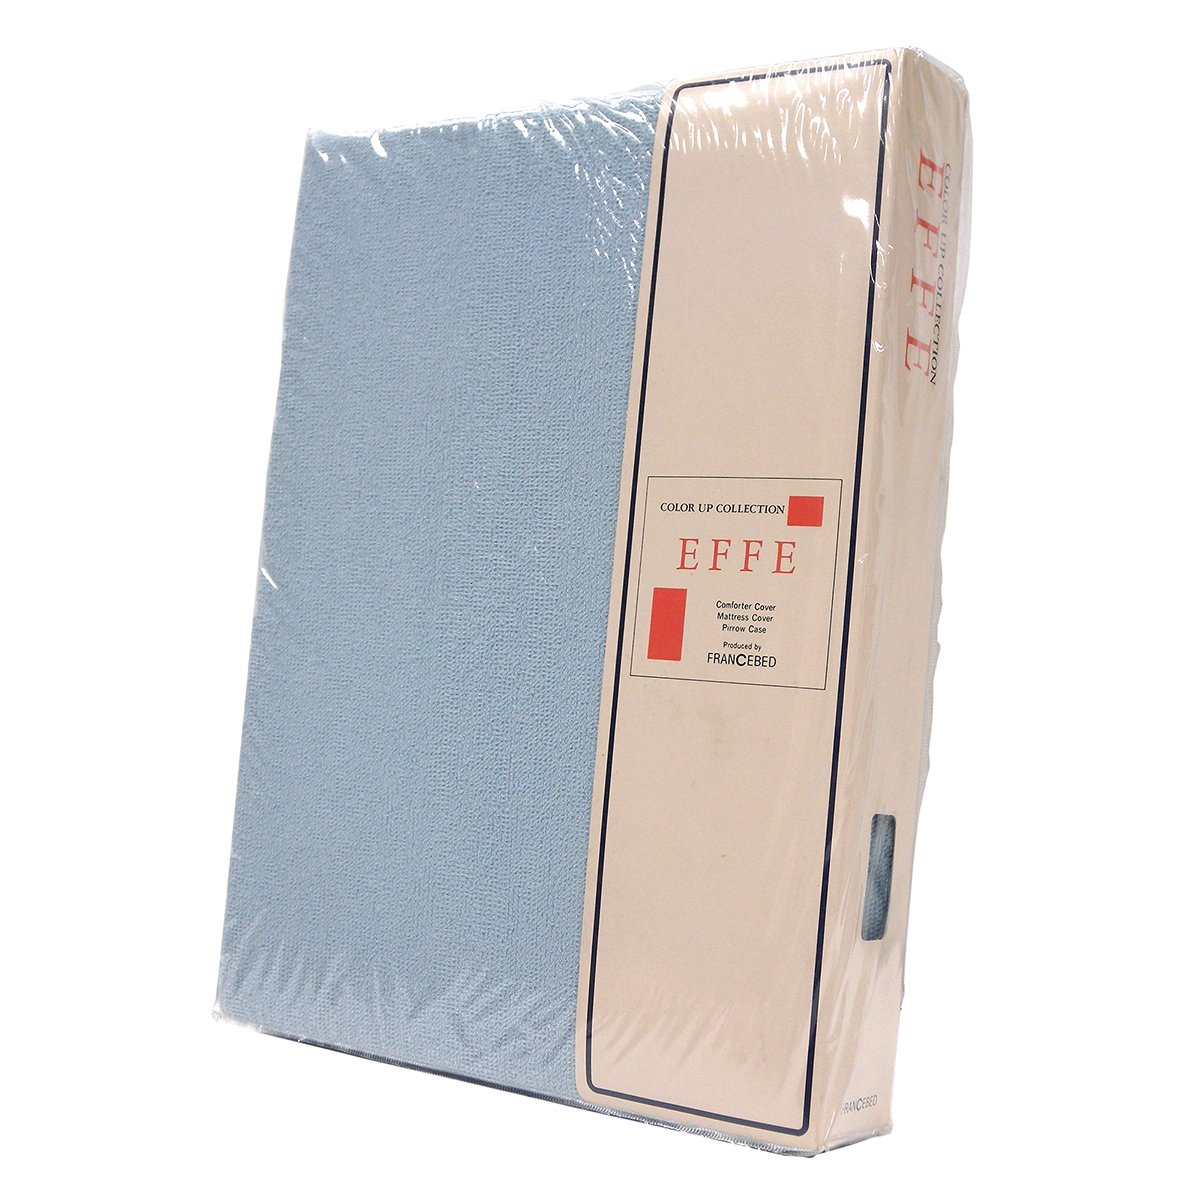 【送料無料】フランスベッド EFFE EMAXパイルマットレスカバー シングルロングサイズ サックス色 B07BHL9JKK